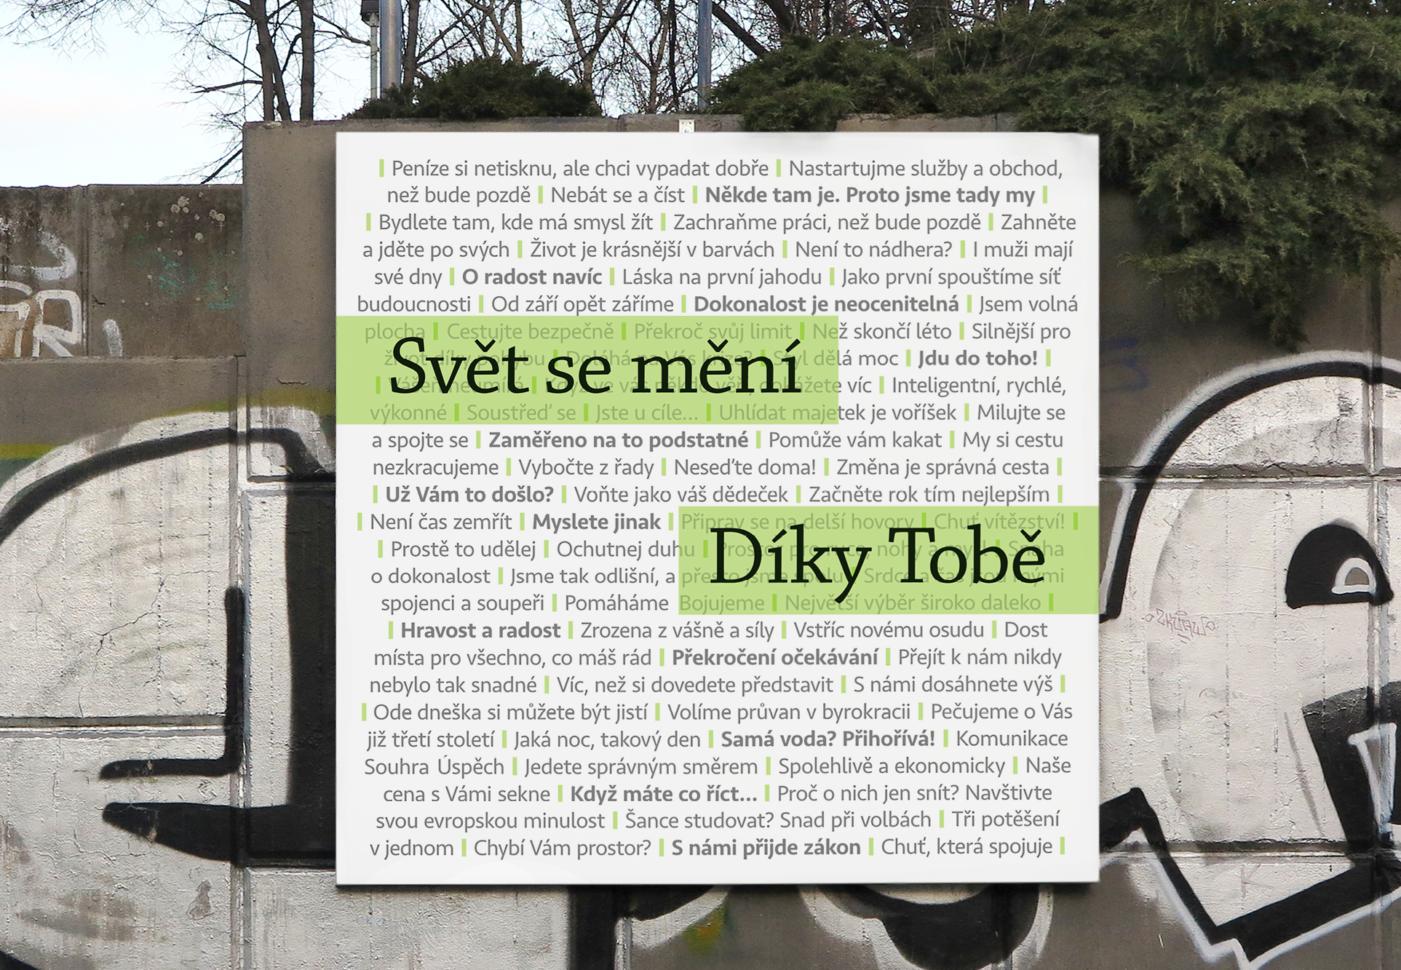 Jolana Havelková, The Highway Poems, 2021, Galerie Vltavská. Photo by Ondřej Besperát